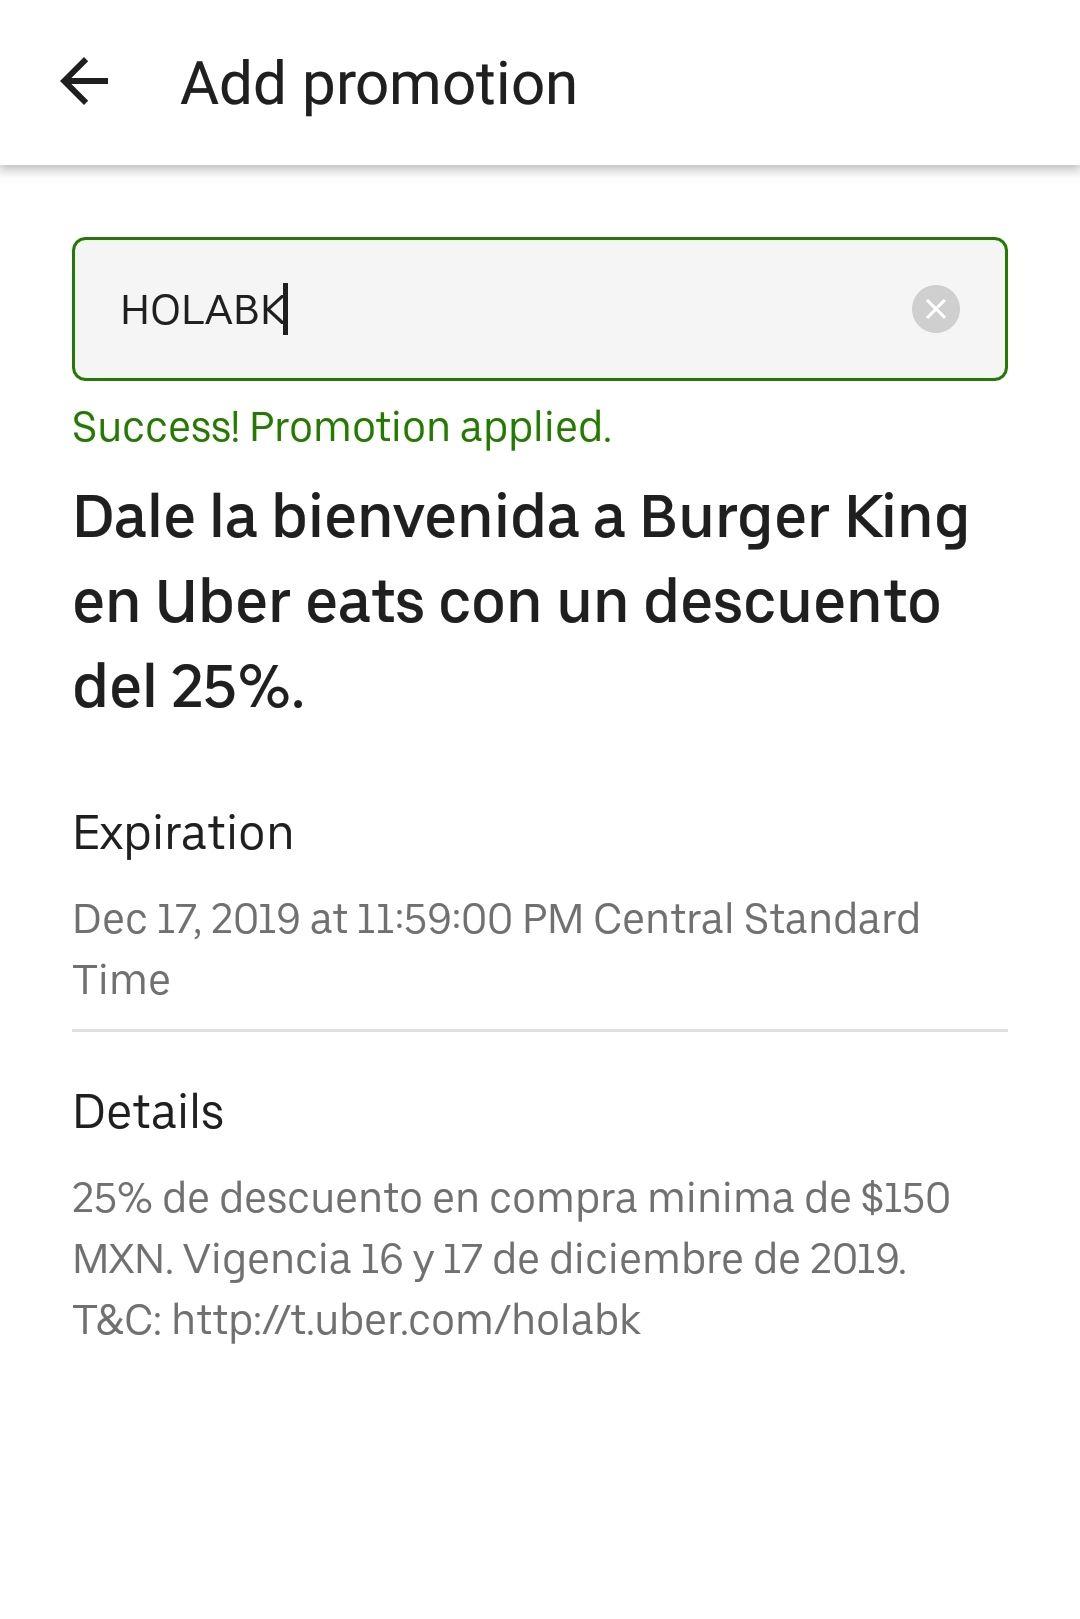 Uber Eats y Burger King. 25% descuento